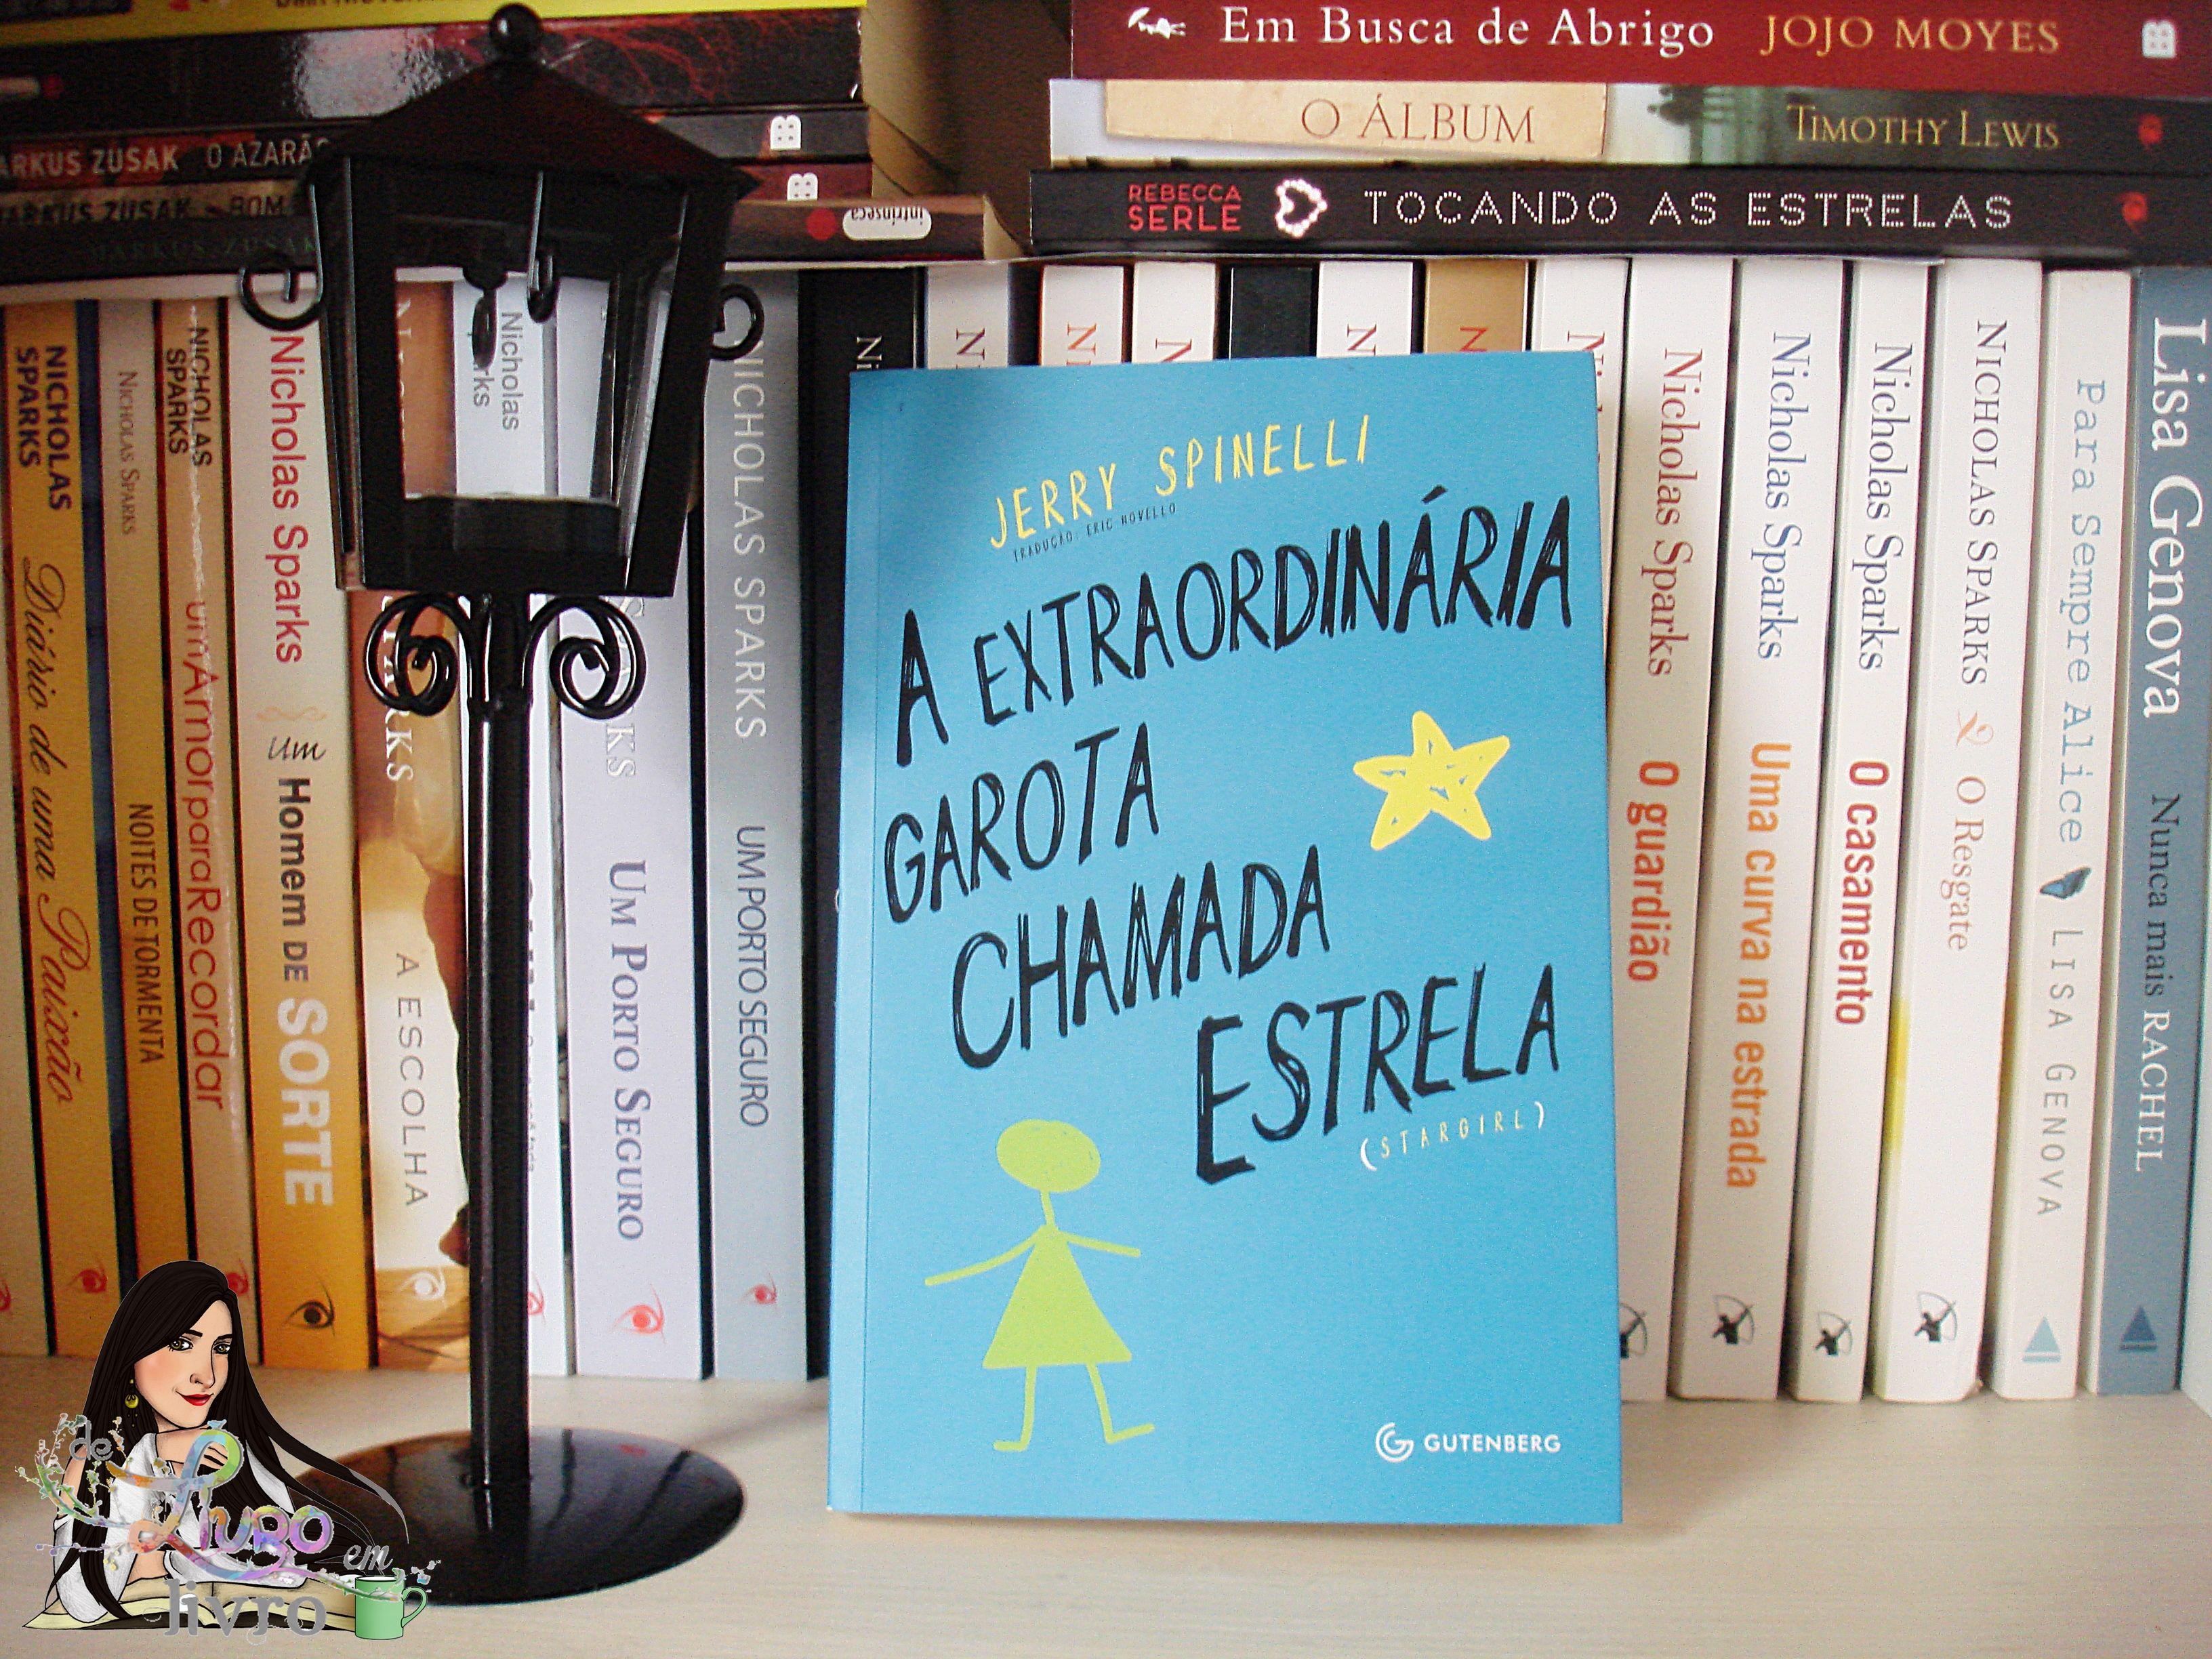 Que liiiiiindo: A EXTRAORDINÁRIA GAROTA CHAMADA ESTRELA:  http://www.delivroemlivro.com.br/2015/09/resenha-322-extraordinaria-garota.html